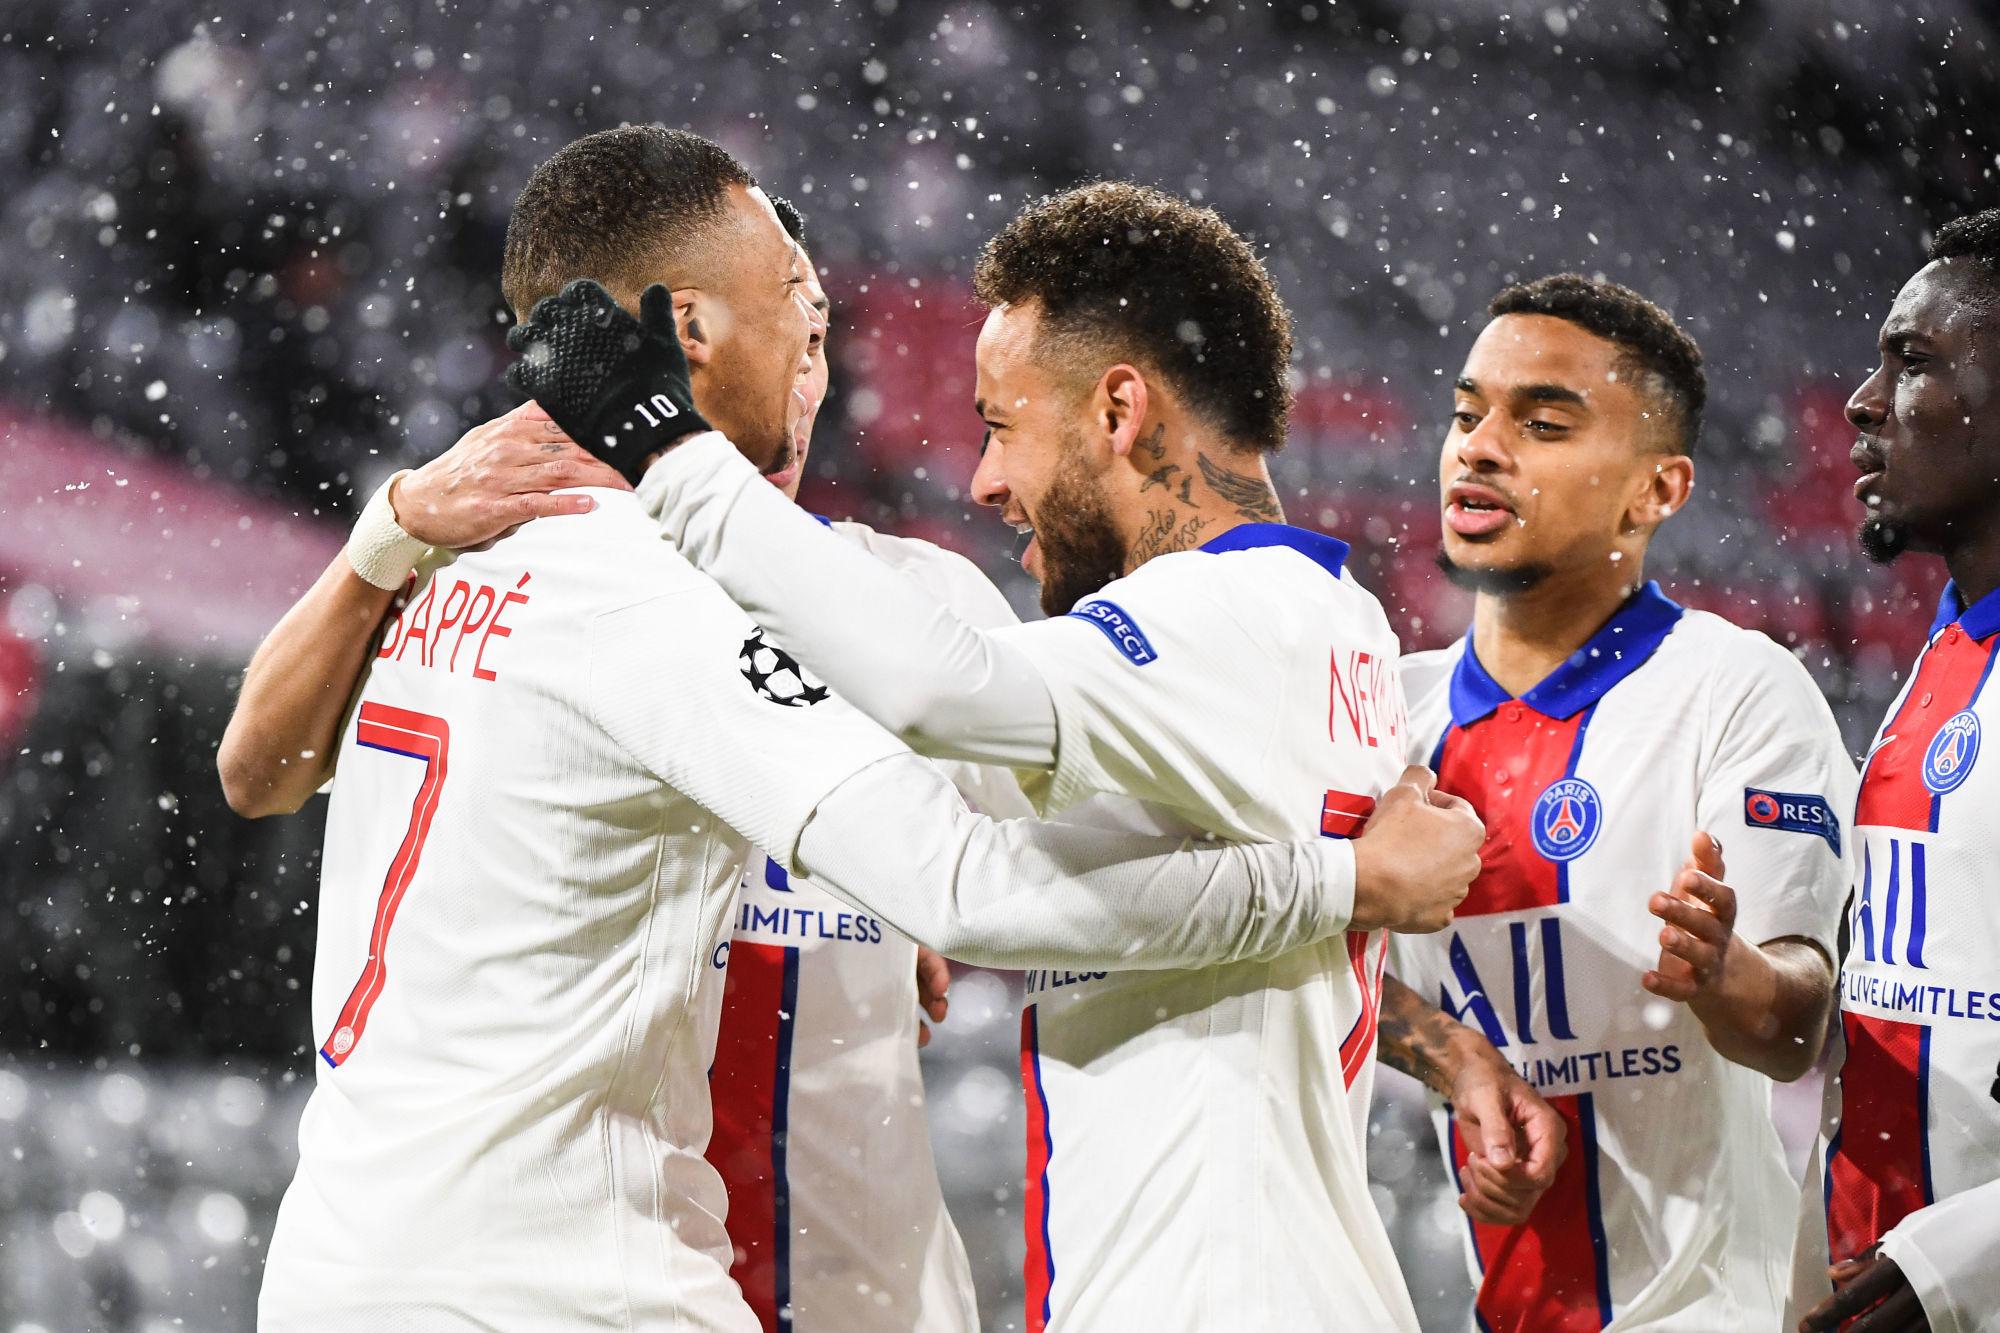 Les images du PSG ce mercredi: Victoire collective face au Bayern